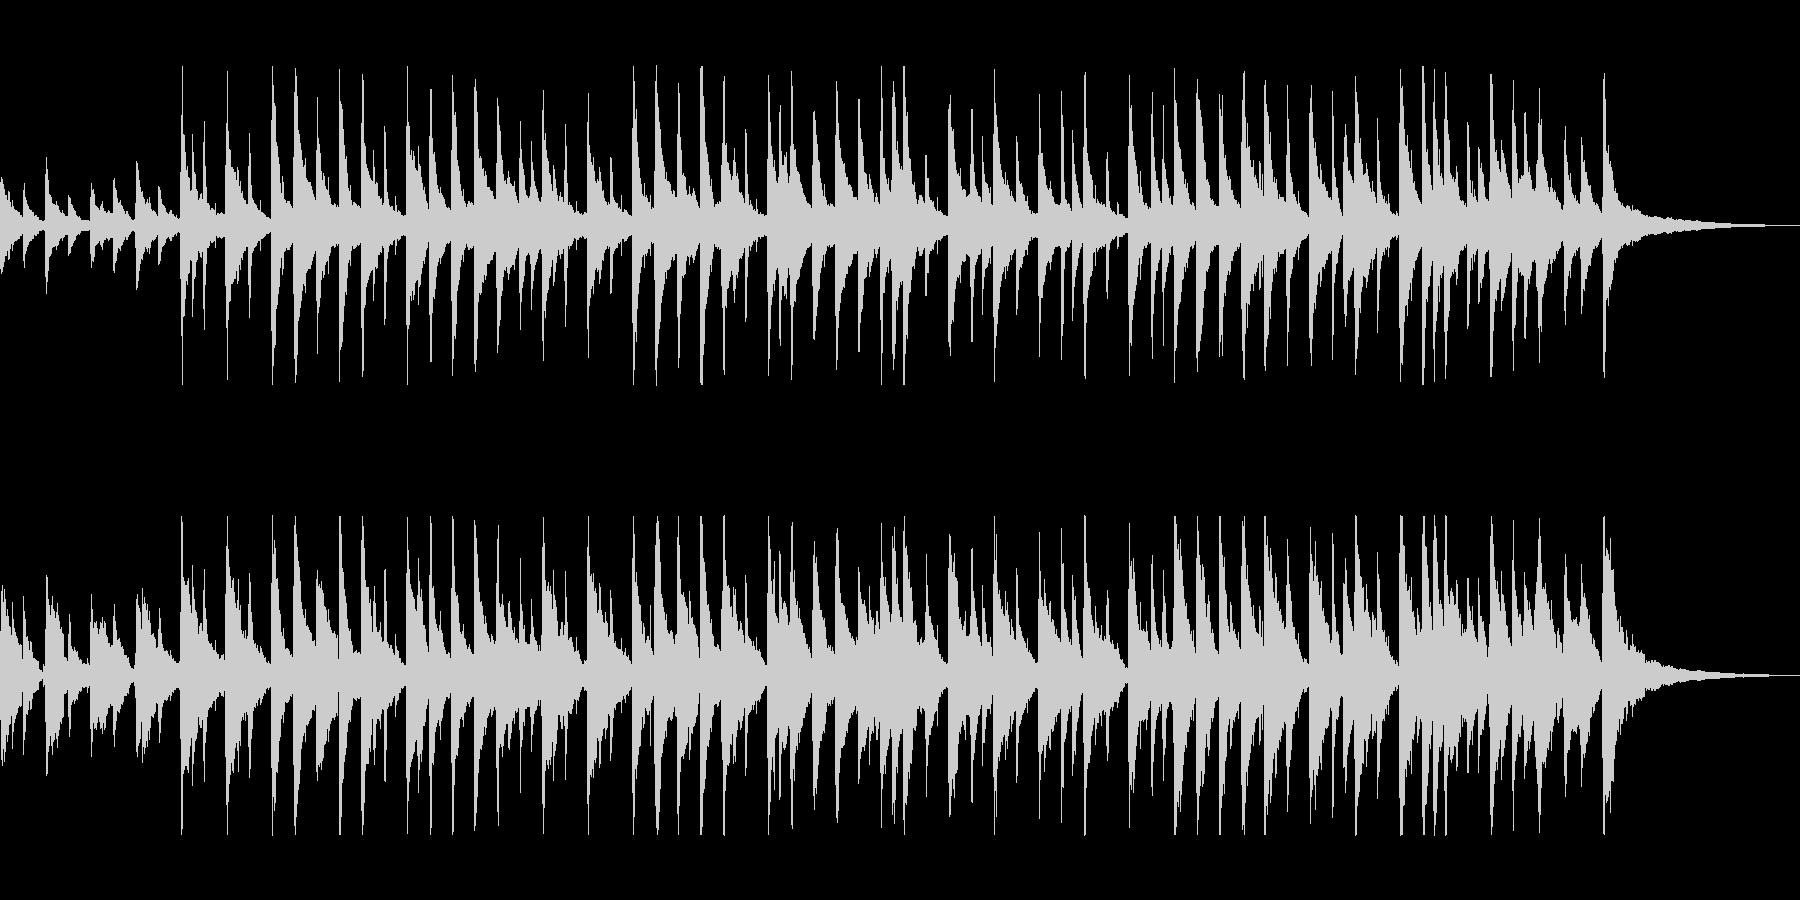 しっとりと穏やかなアコギサウンドの未再生の波形